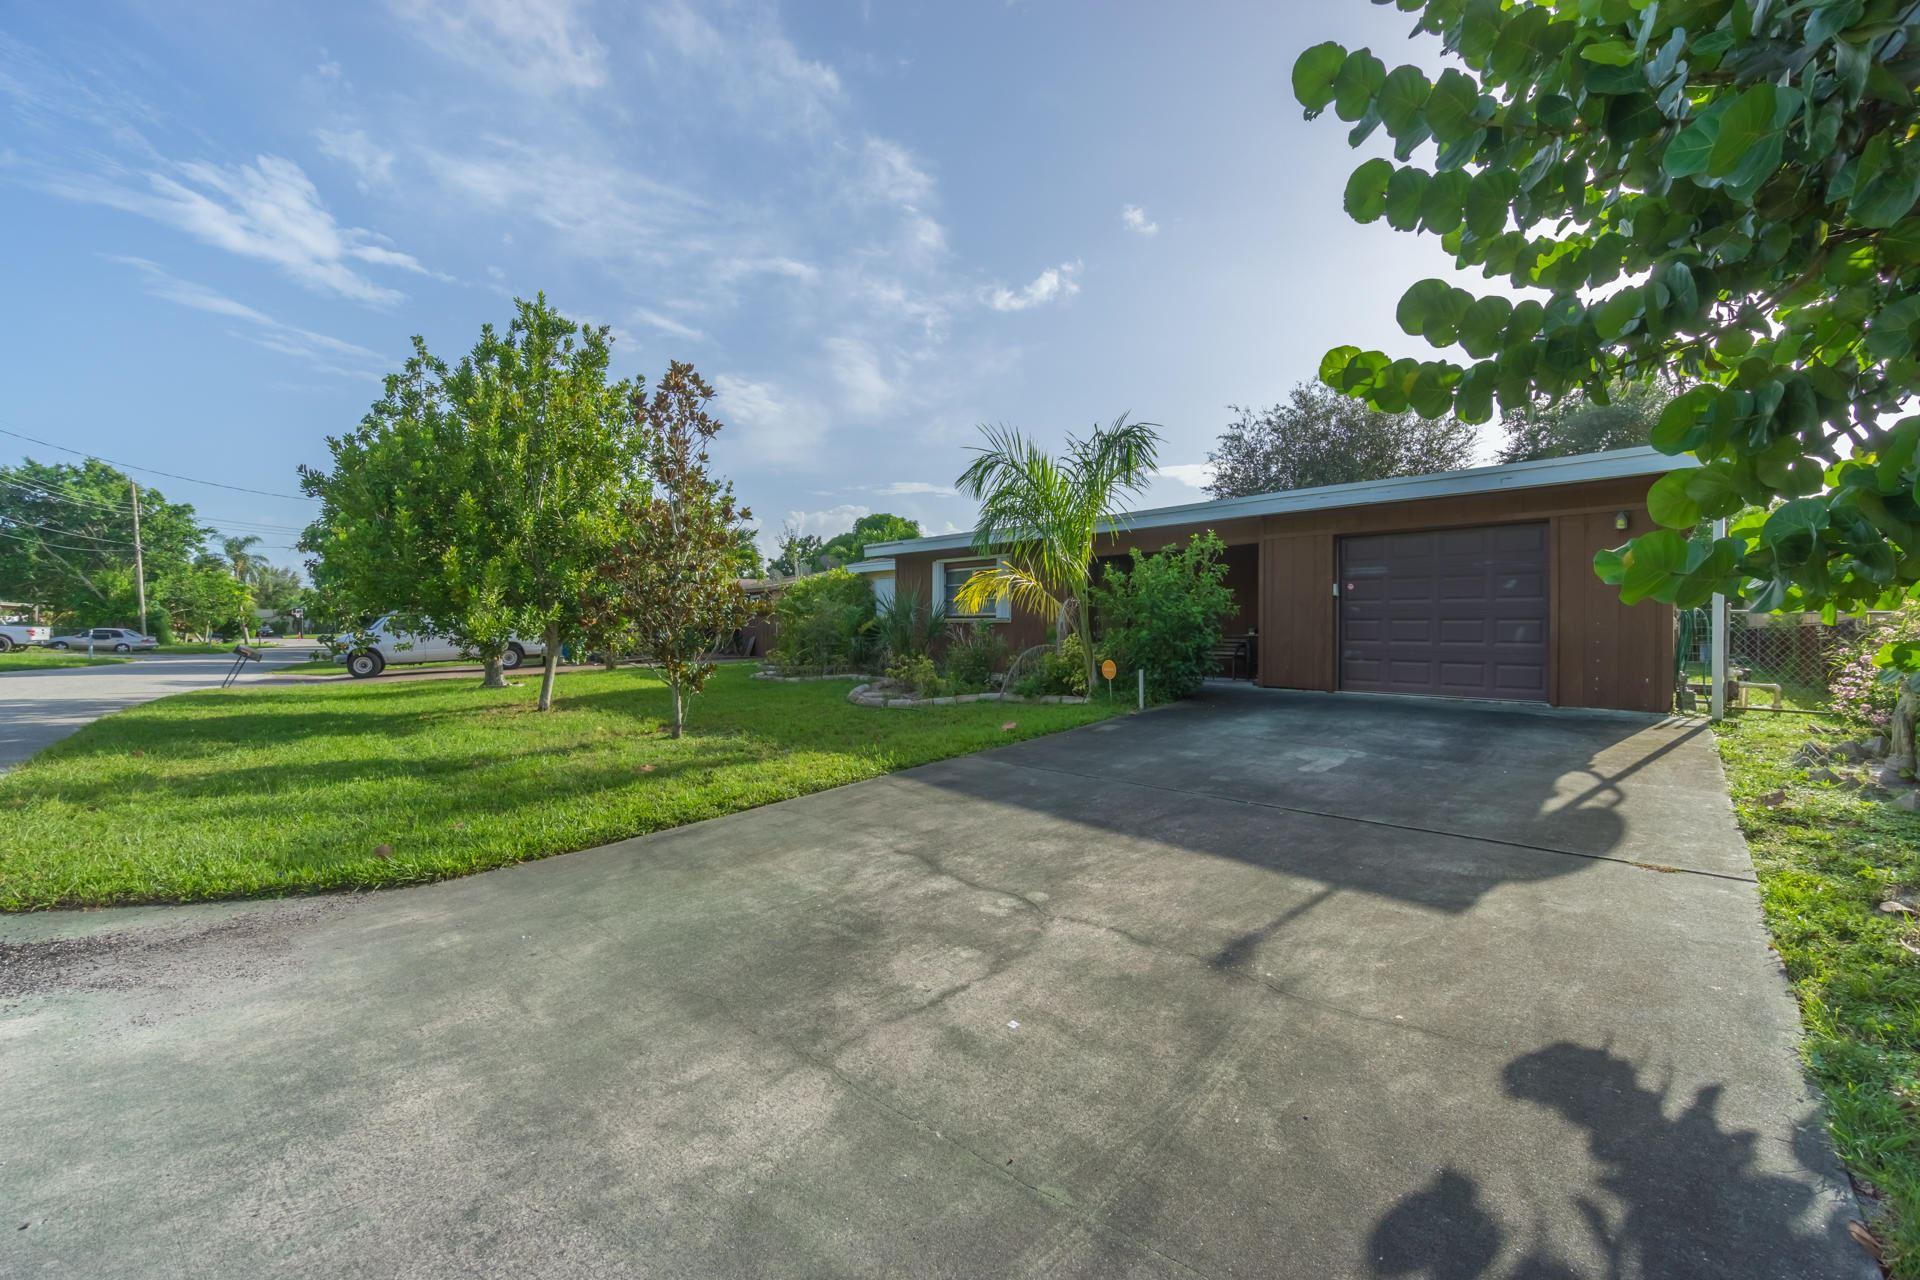 26 Sioux Lane, Lake Worth, FL 33462 - #: RX-10655825